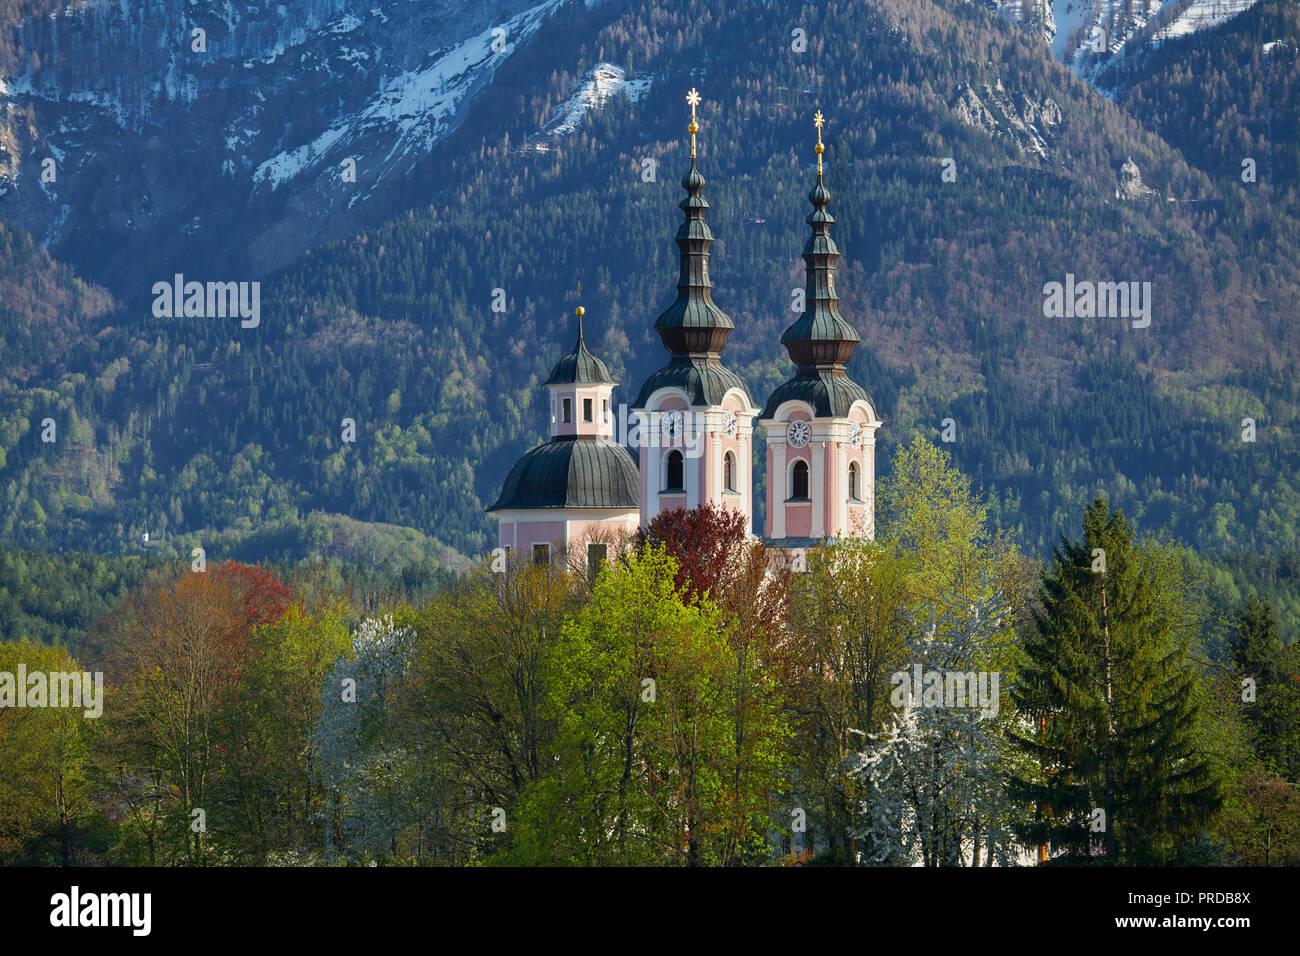 Église de pèlerinage à la Sainte Croix, Villach, Carinthie, Autriche Photo Stock